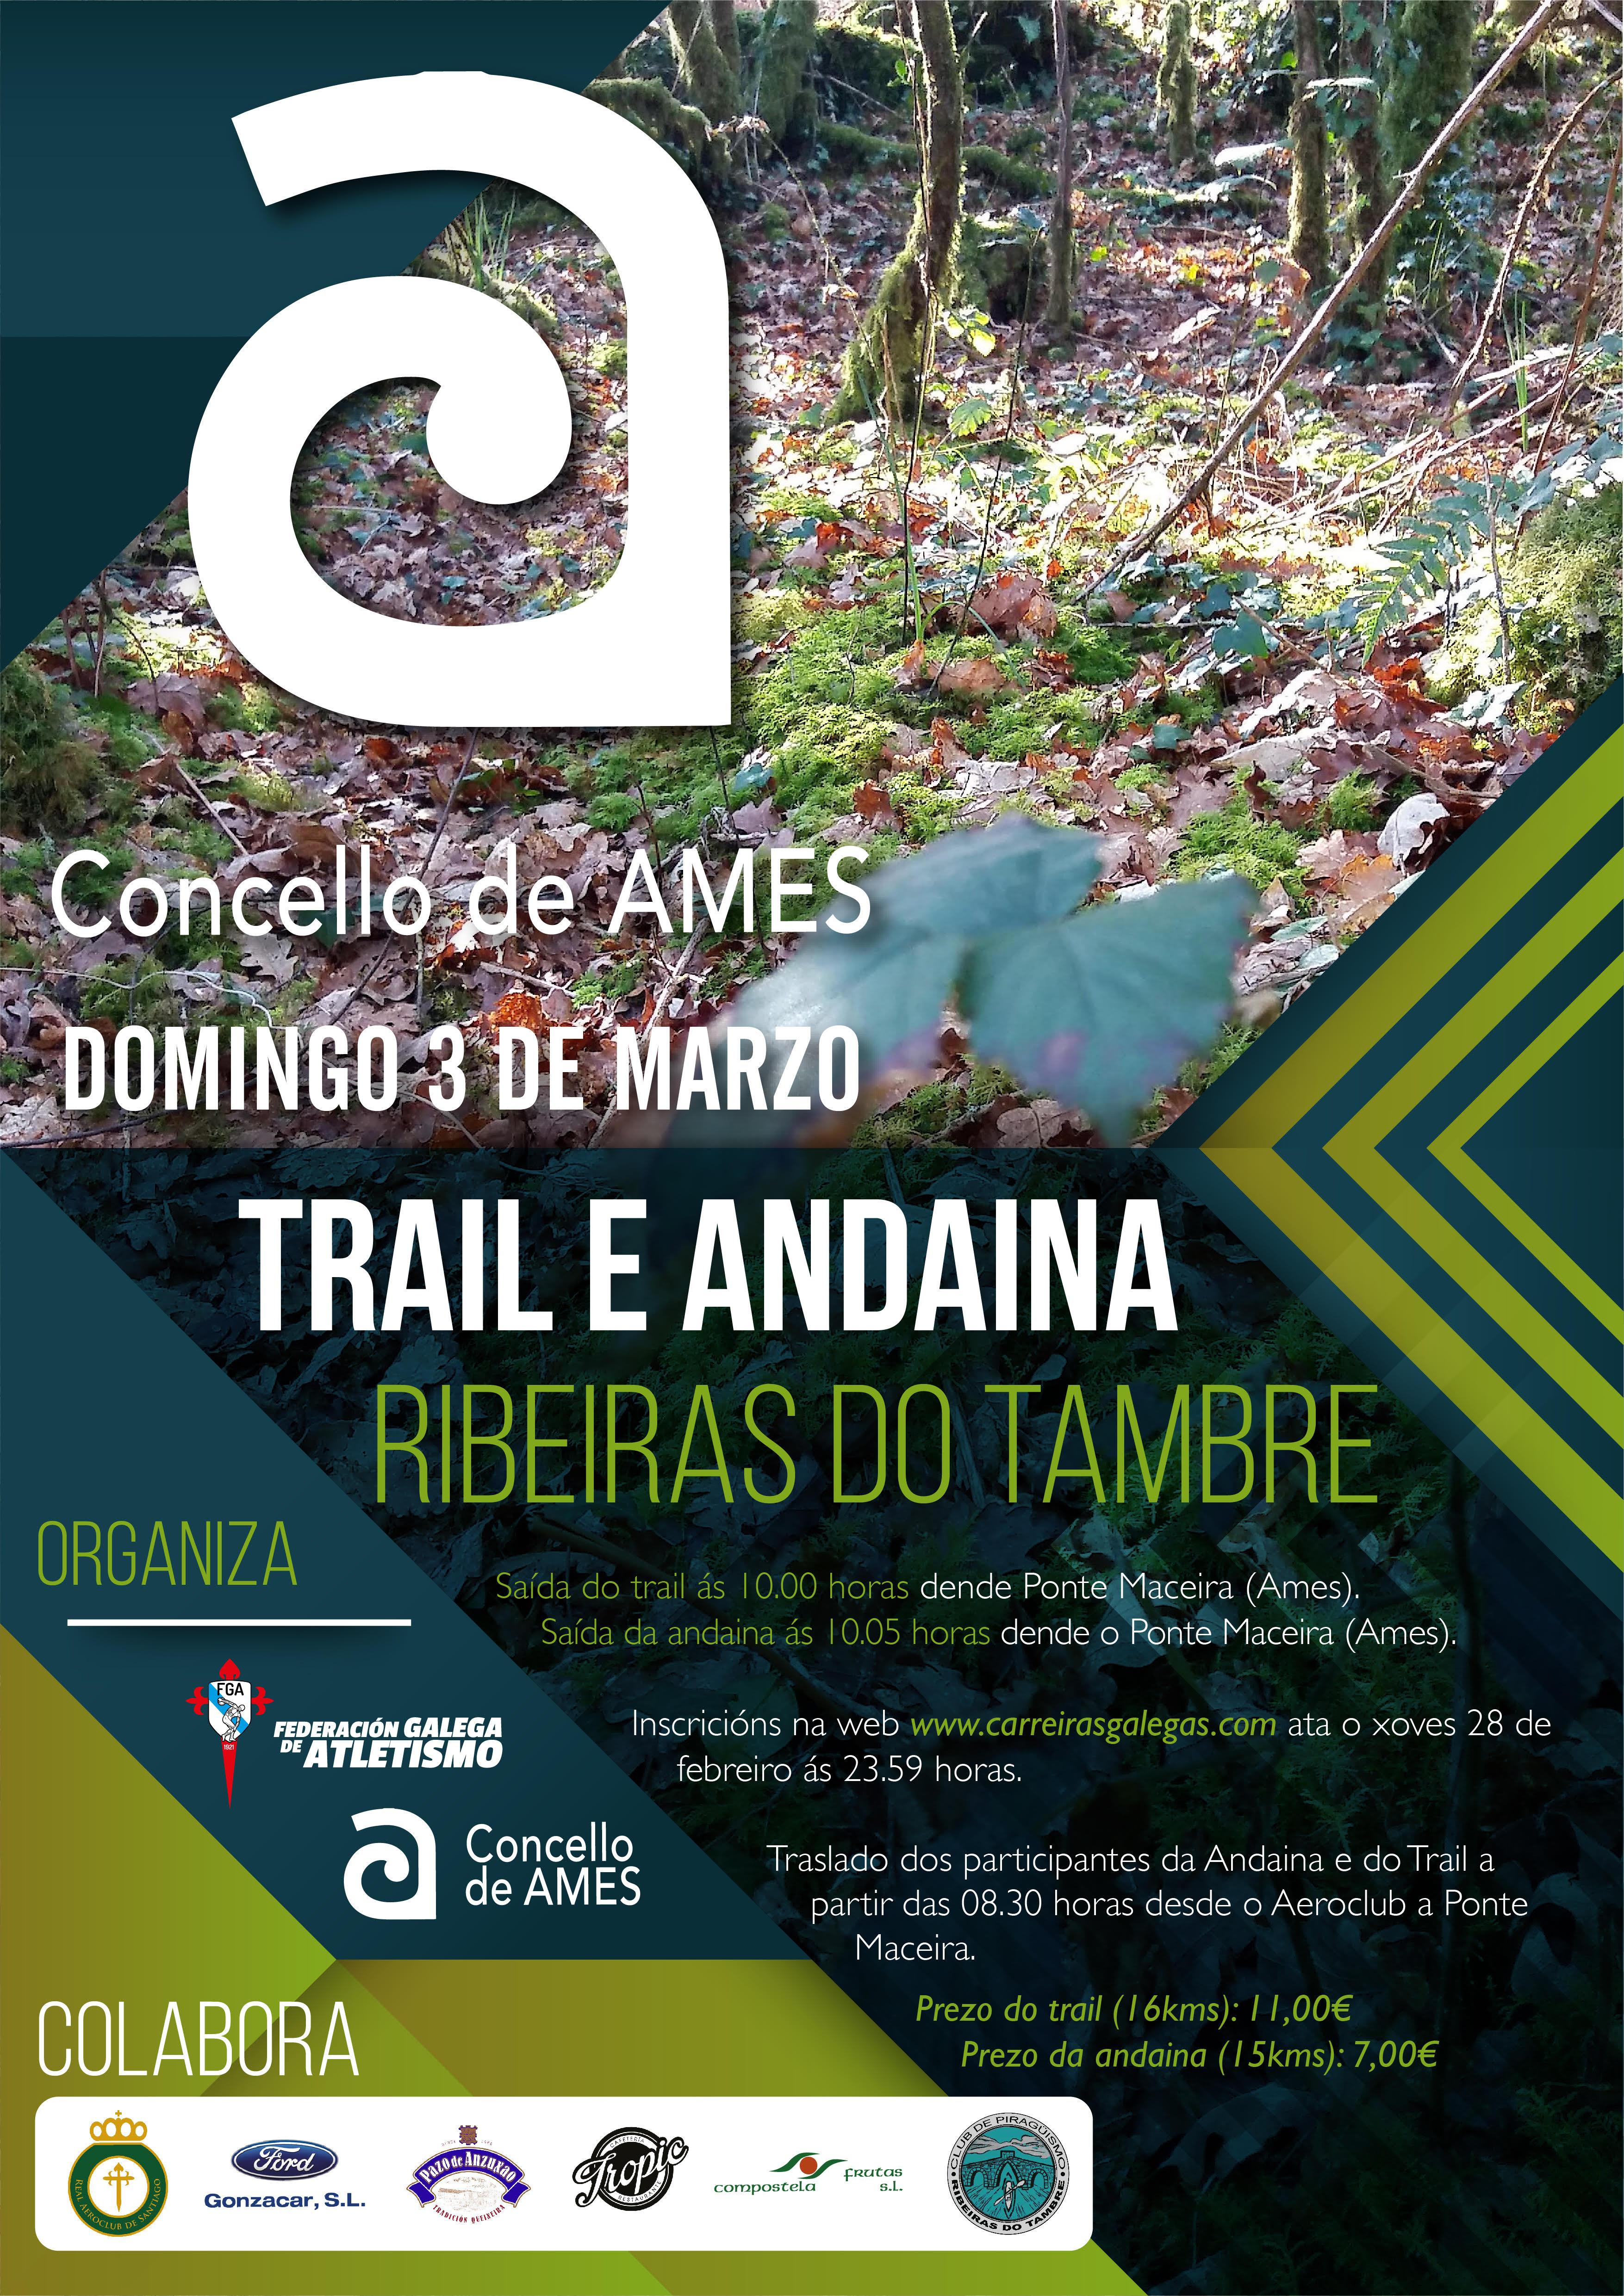 Trail e Andaina Ribeiras do Tambre – Concello de Ames